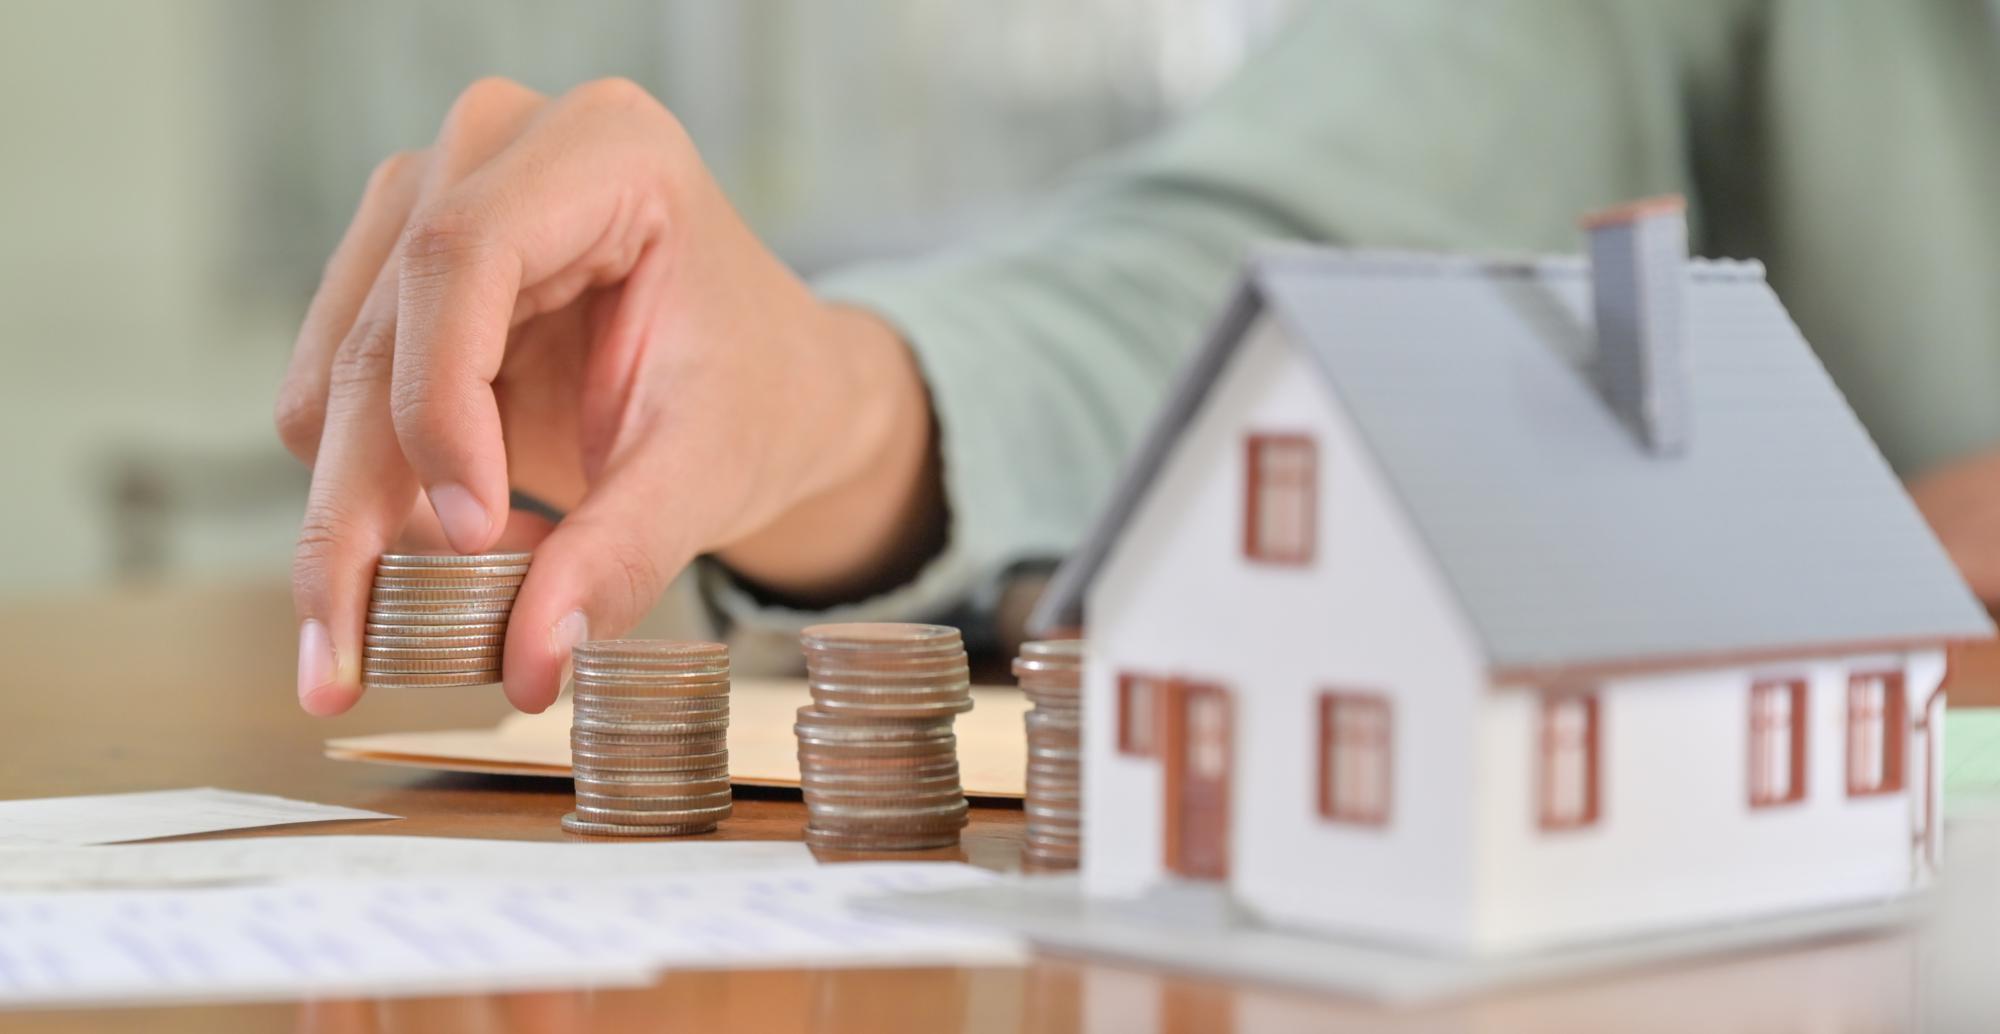 Законопроект о налогообложении имущества организаций по кадастровой стоимости кардинально доработан